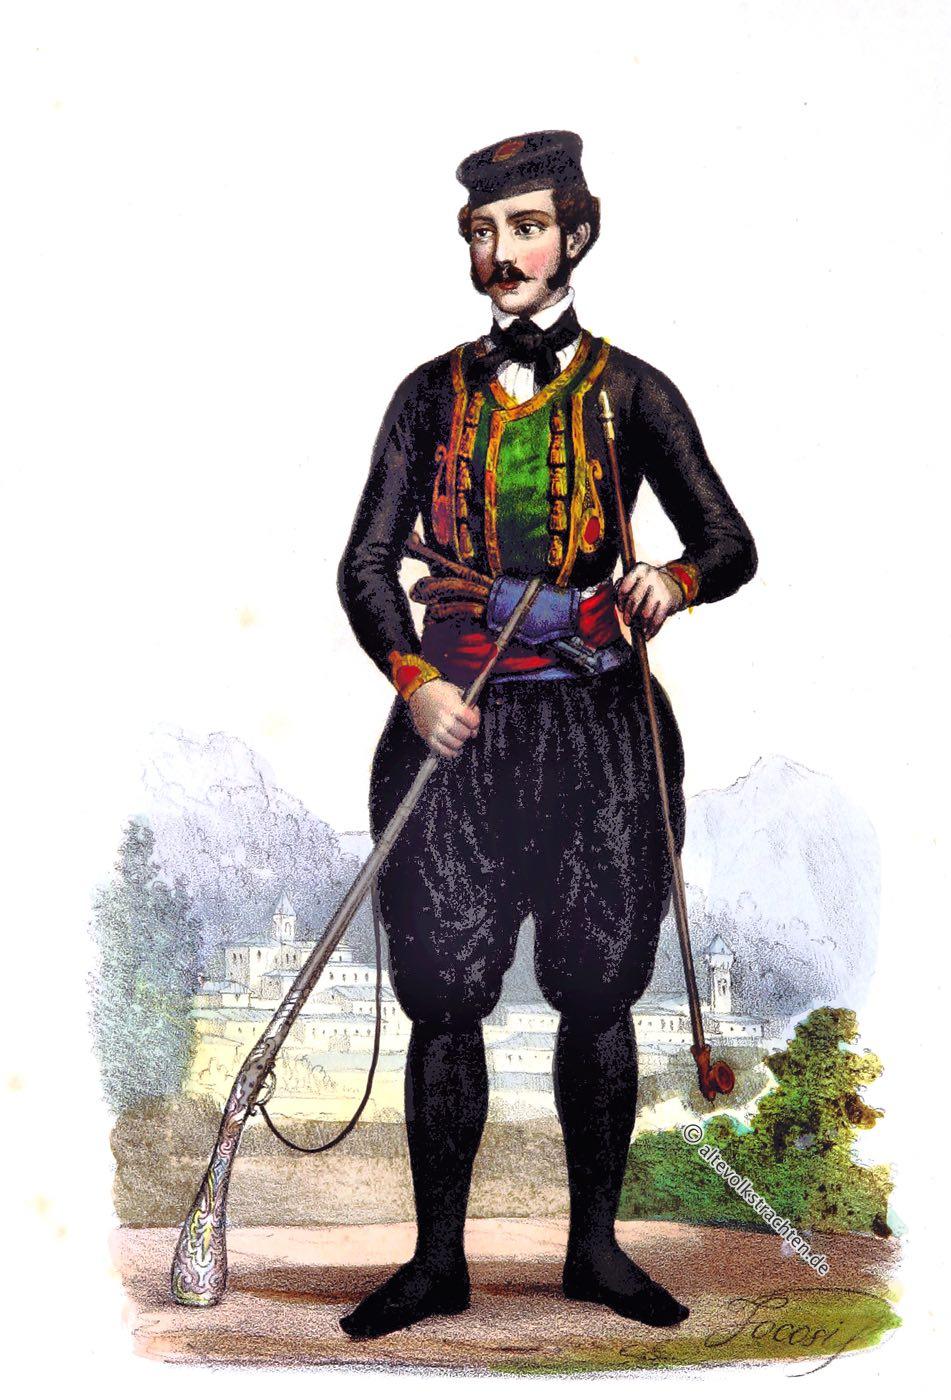 Dobrota, Trachten, Costumes, Montenegro, Dobroèanin, Dalmazia, Francesco Carrara, costumi nazionali